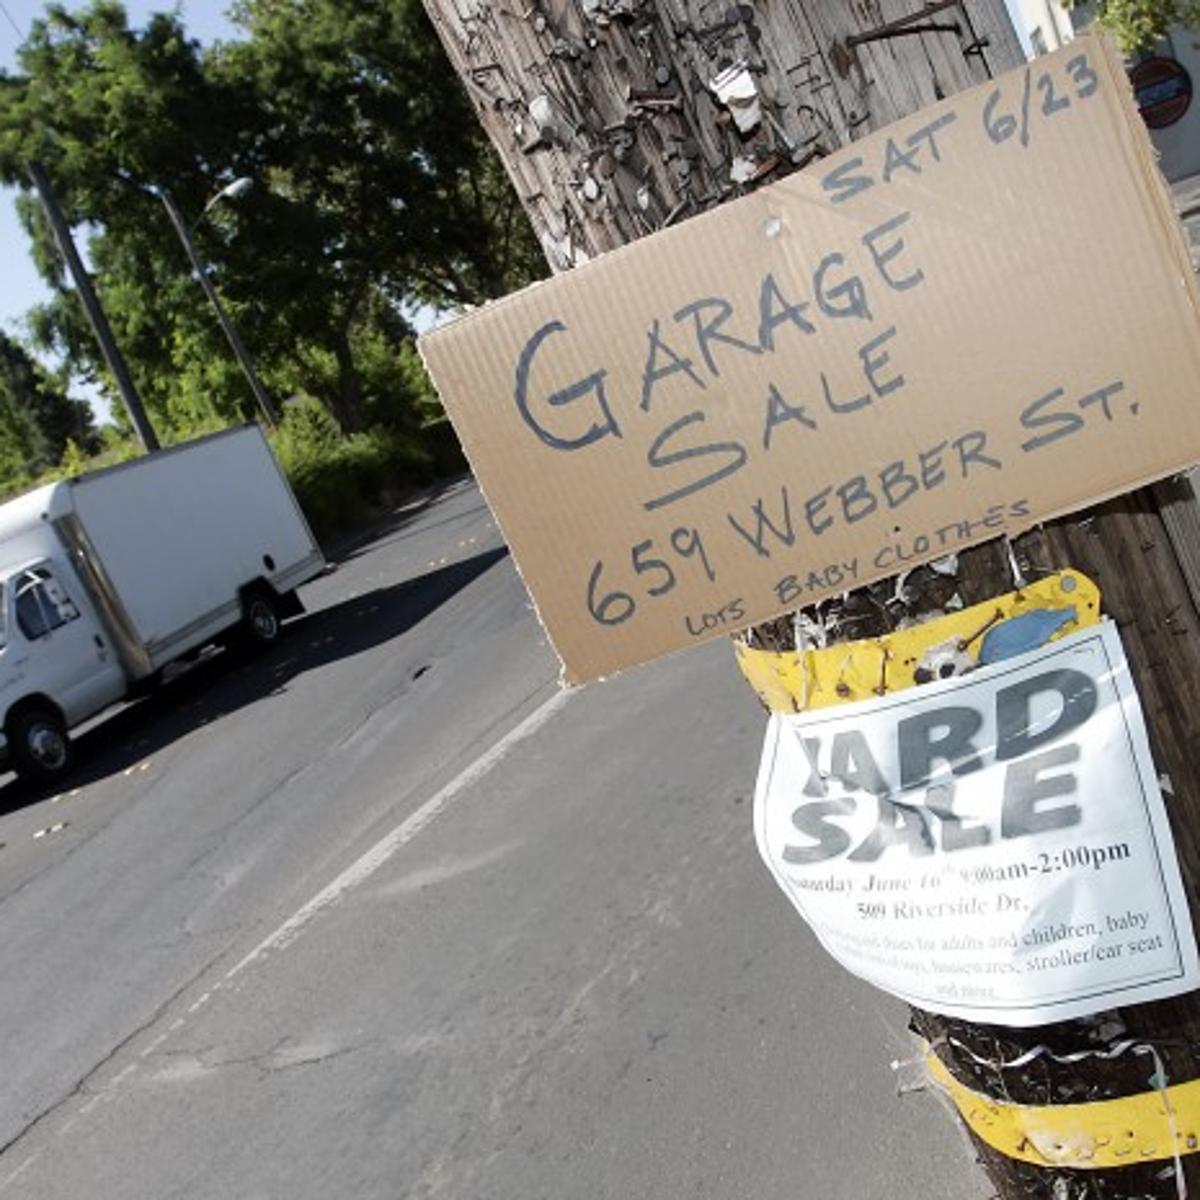 Old garage sale signs vex code enforcement | Local News